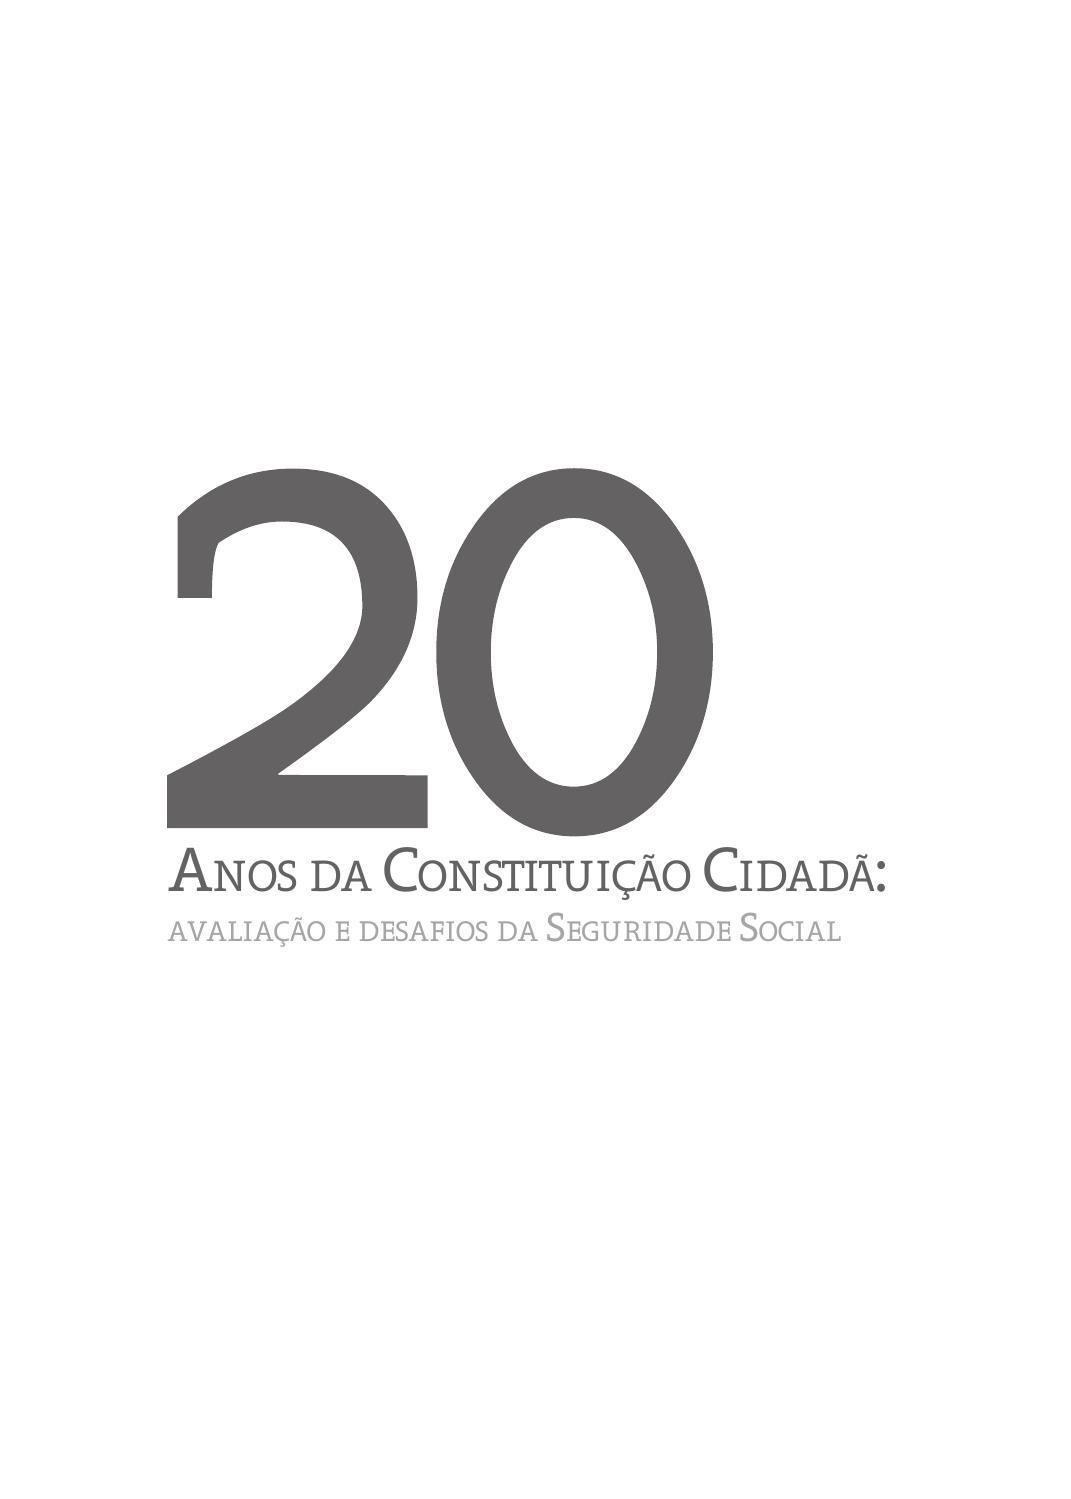 20 Anos da Constituição Cidadã by Sidnei de Braga Junior - issuu 4e488414a3